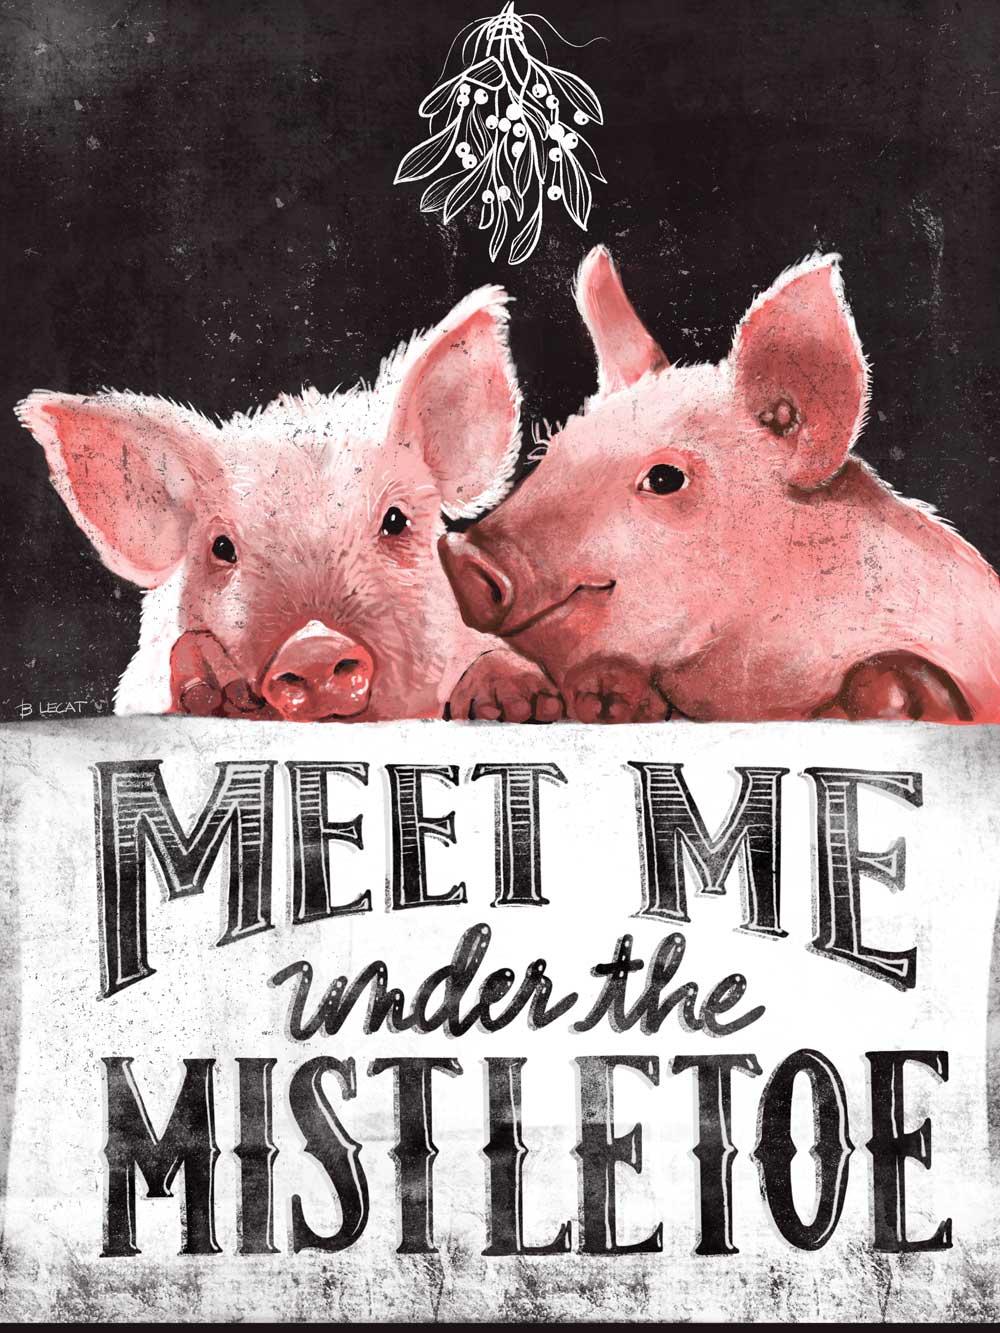 Meet Me Under the Mistletoe by Bonnie Lecat